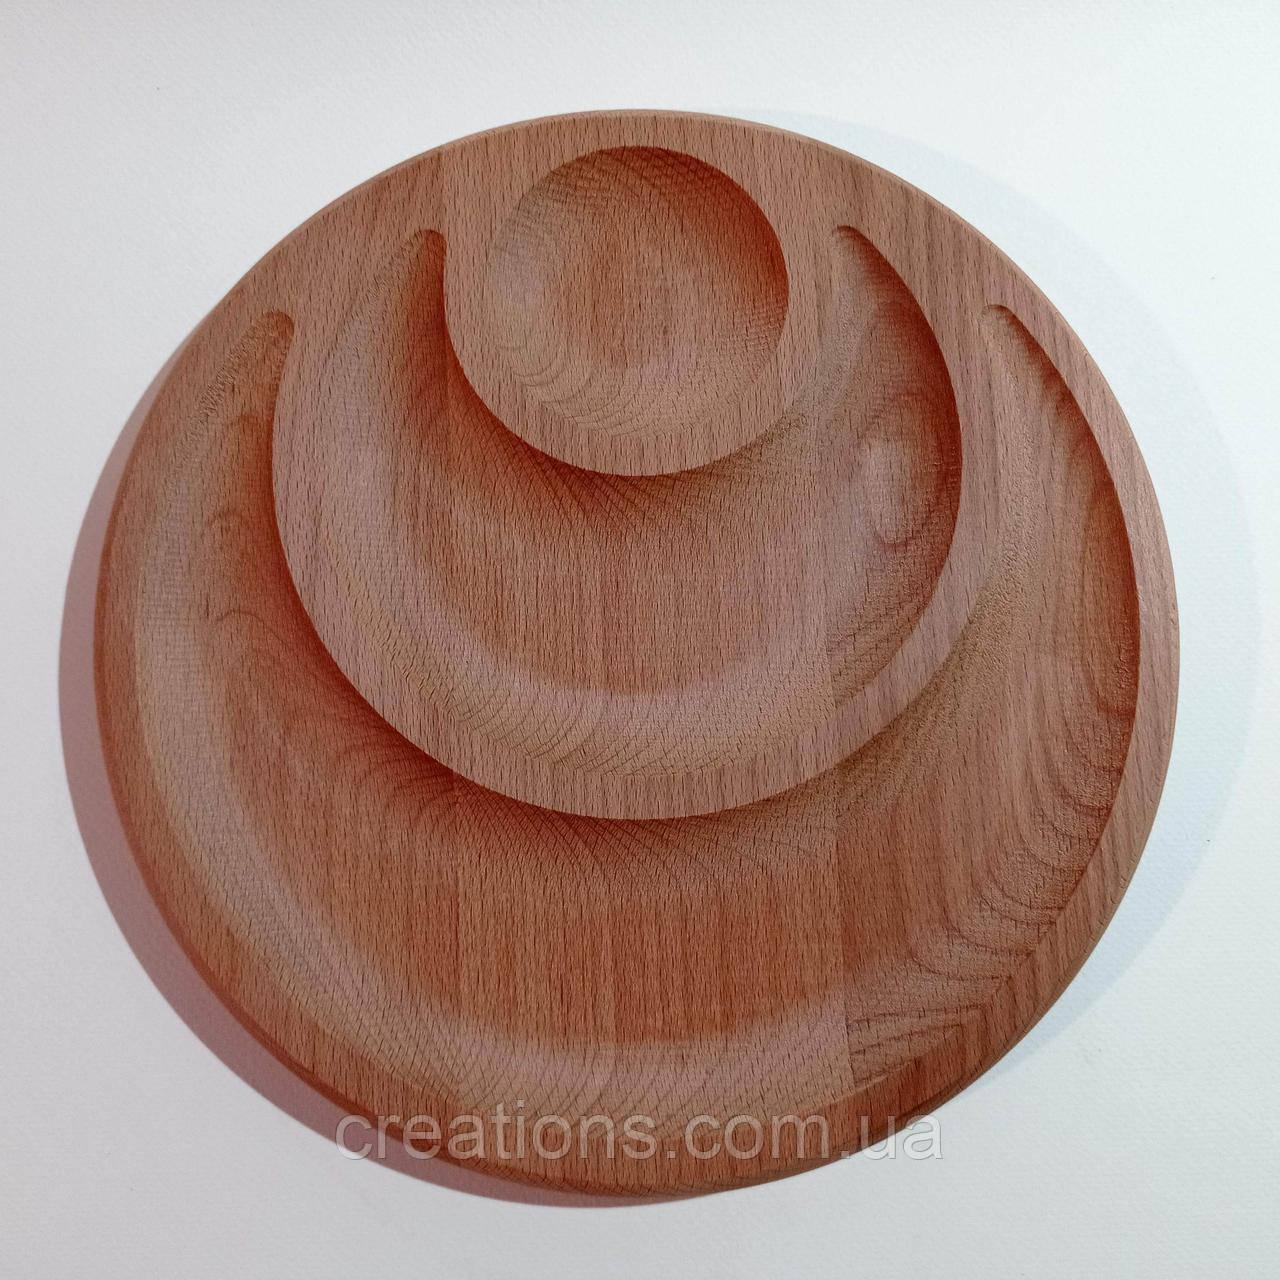 Менажница деревянная круглая 26 см. тарелка раздельная на 2 секции с соусницей из бука